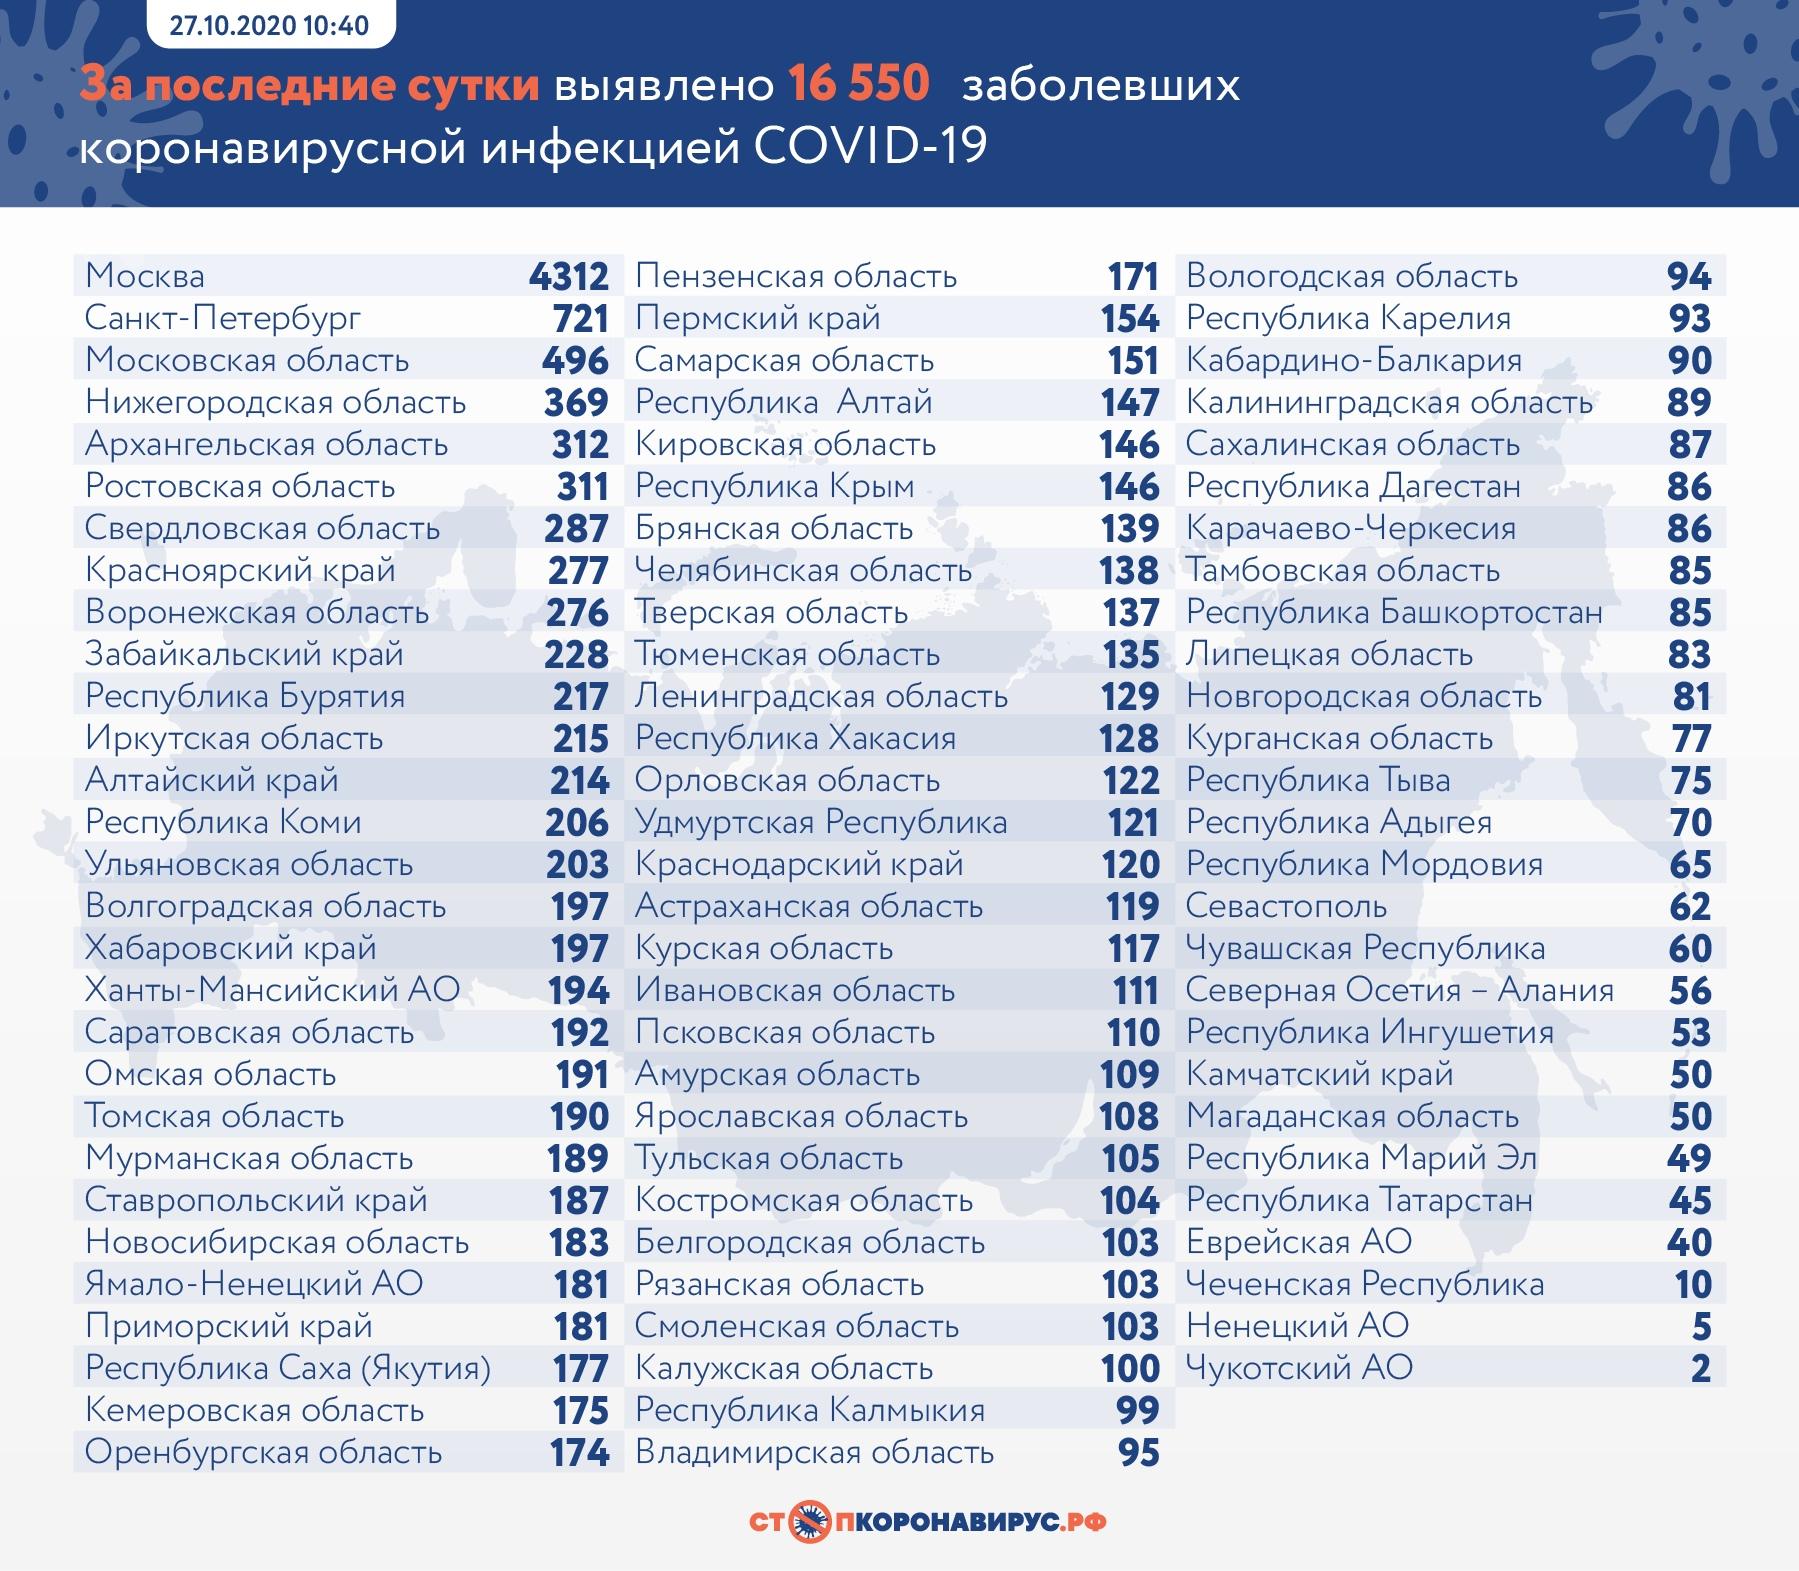 В Самарской области впервые выявлено более 150 заболевших COVID-19 за сутки